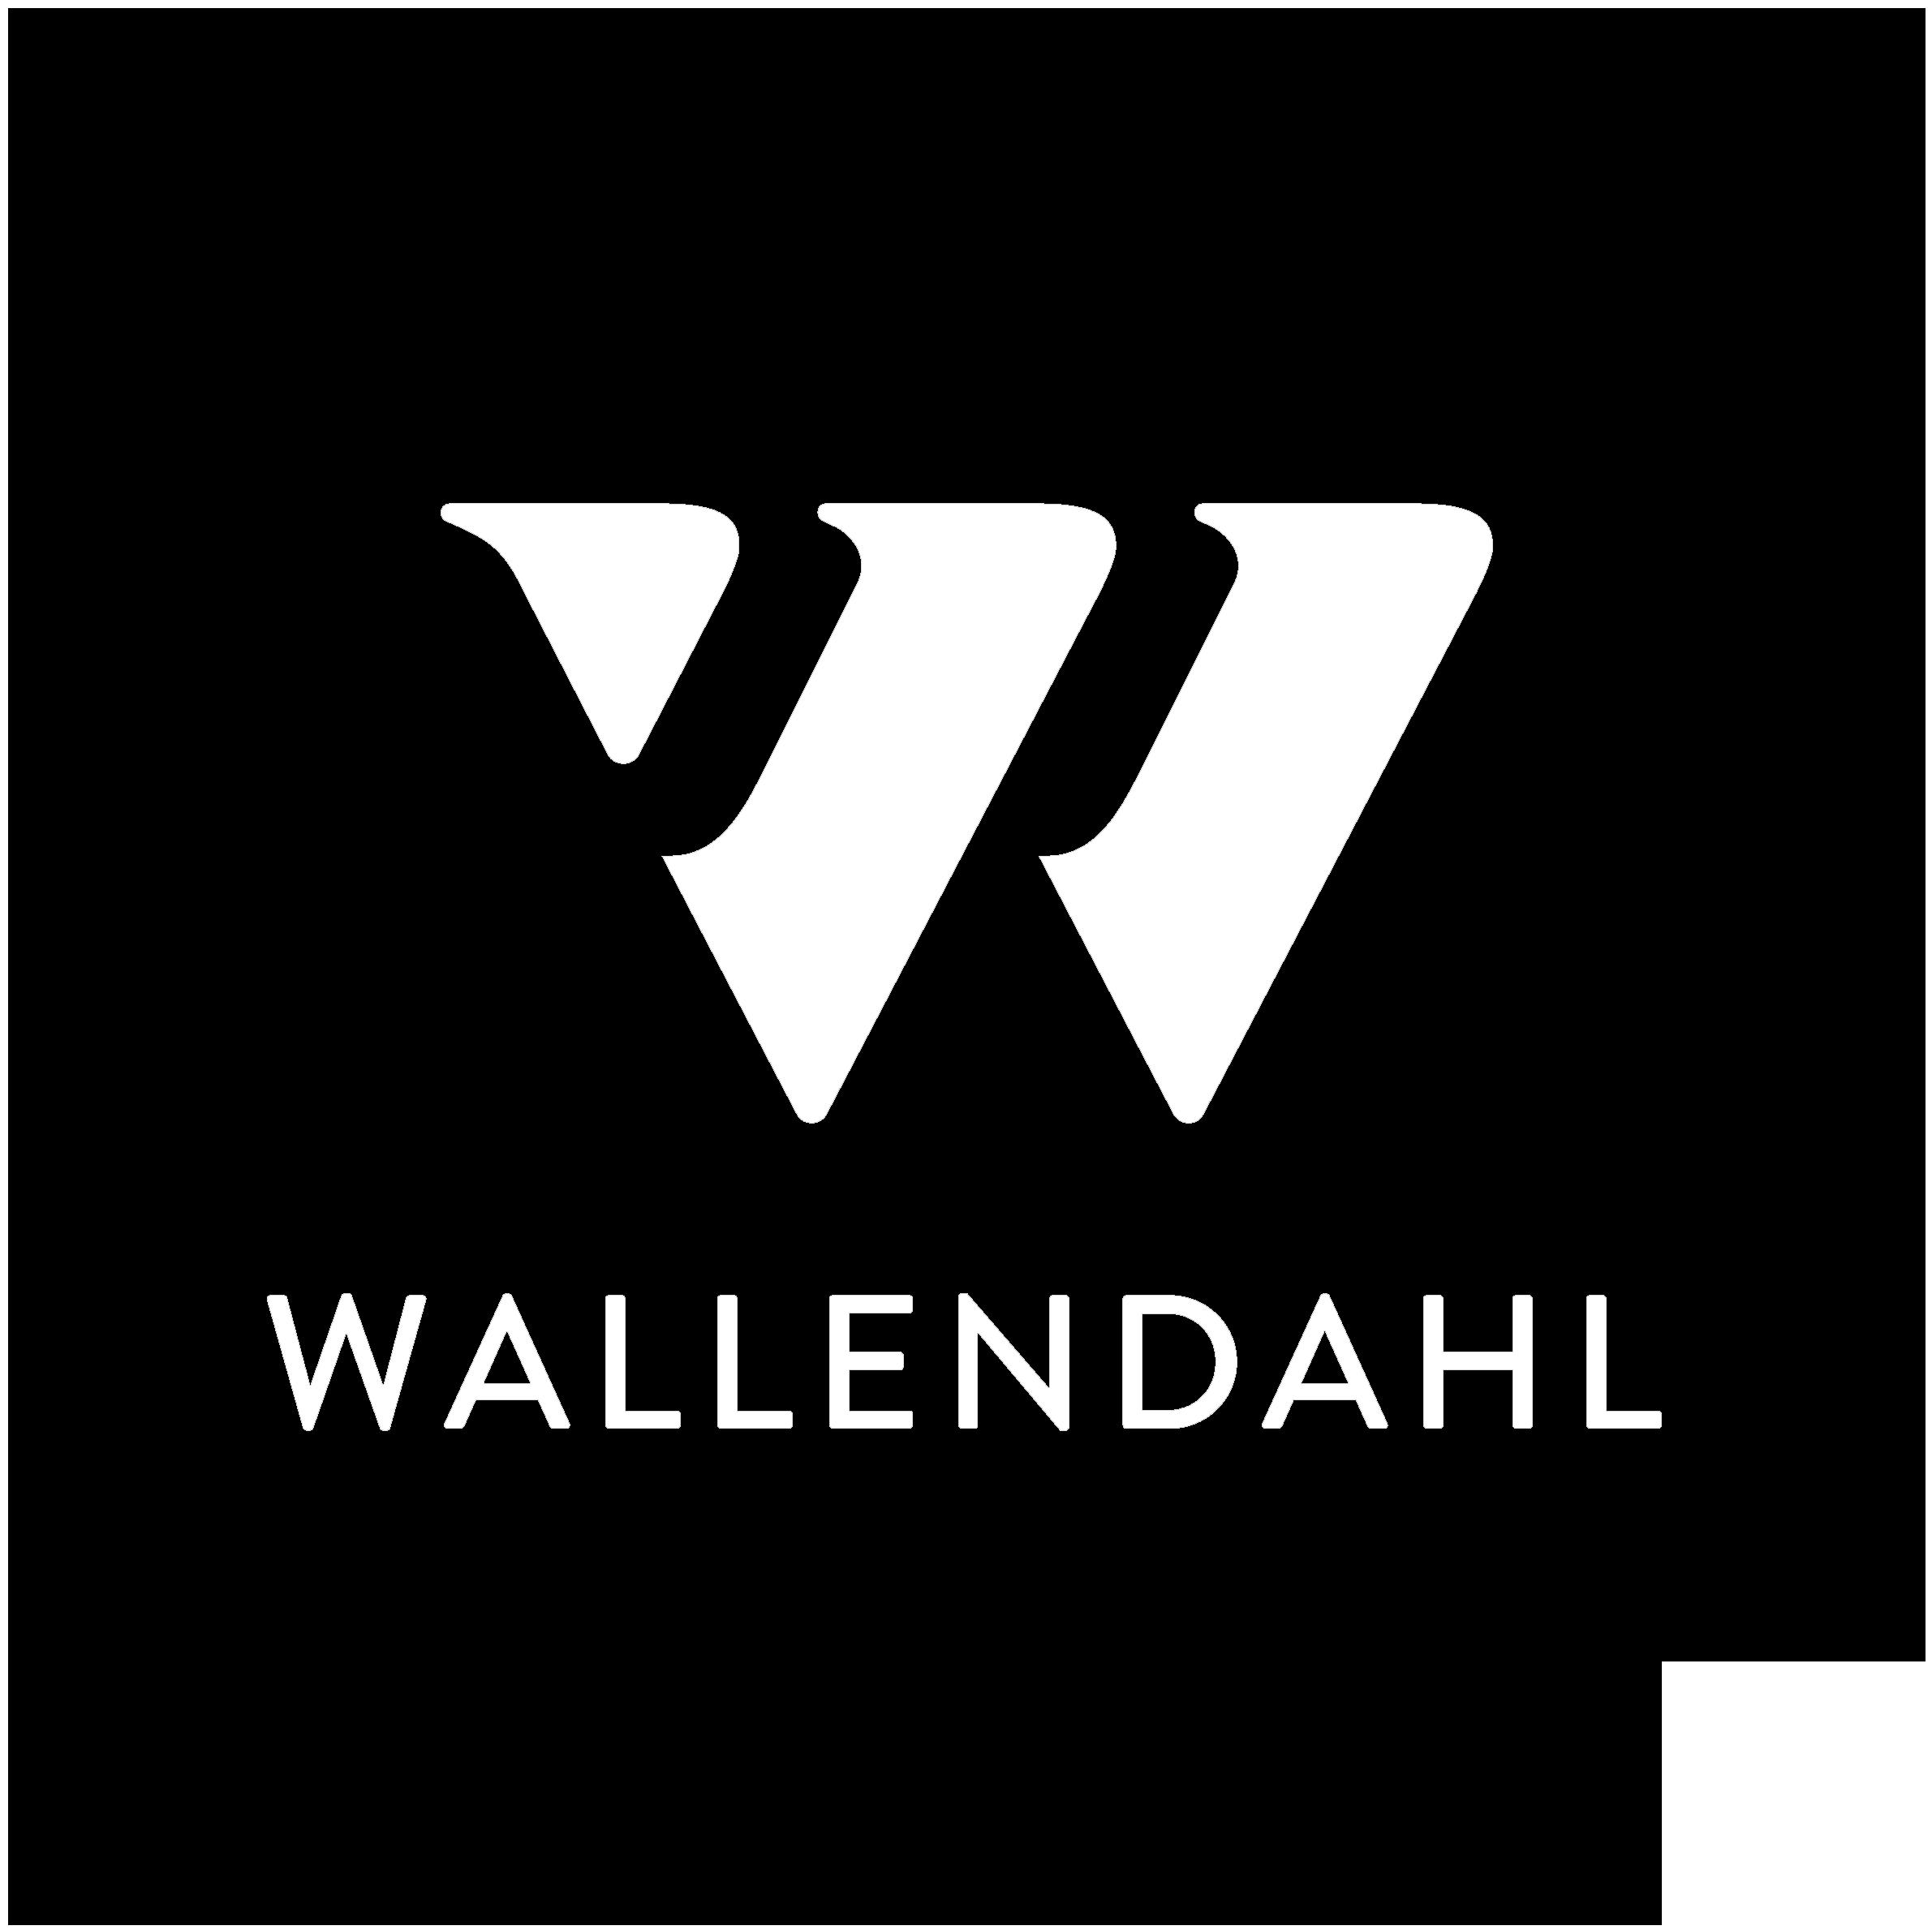 wallendahl.png